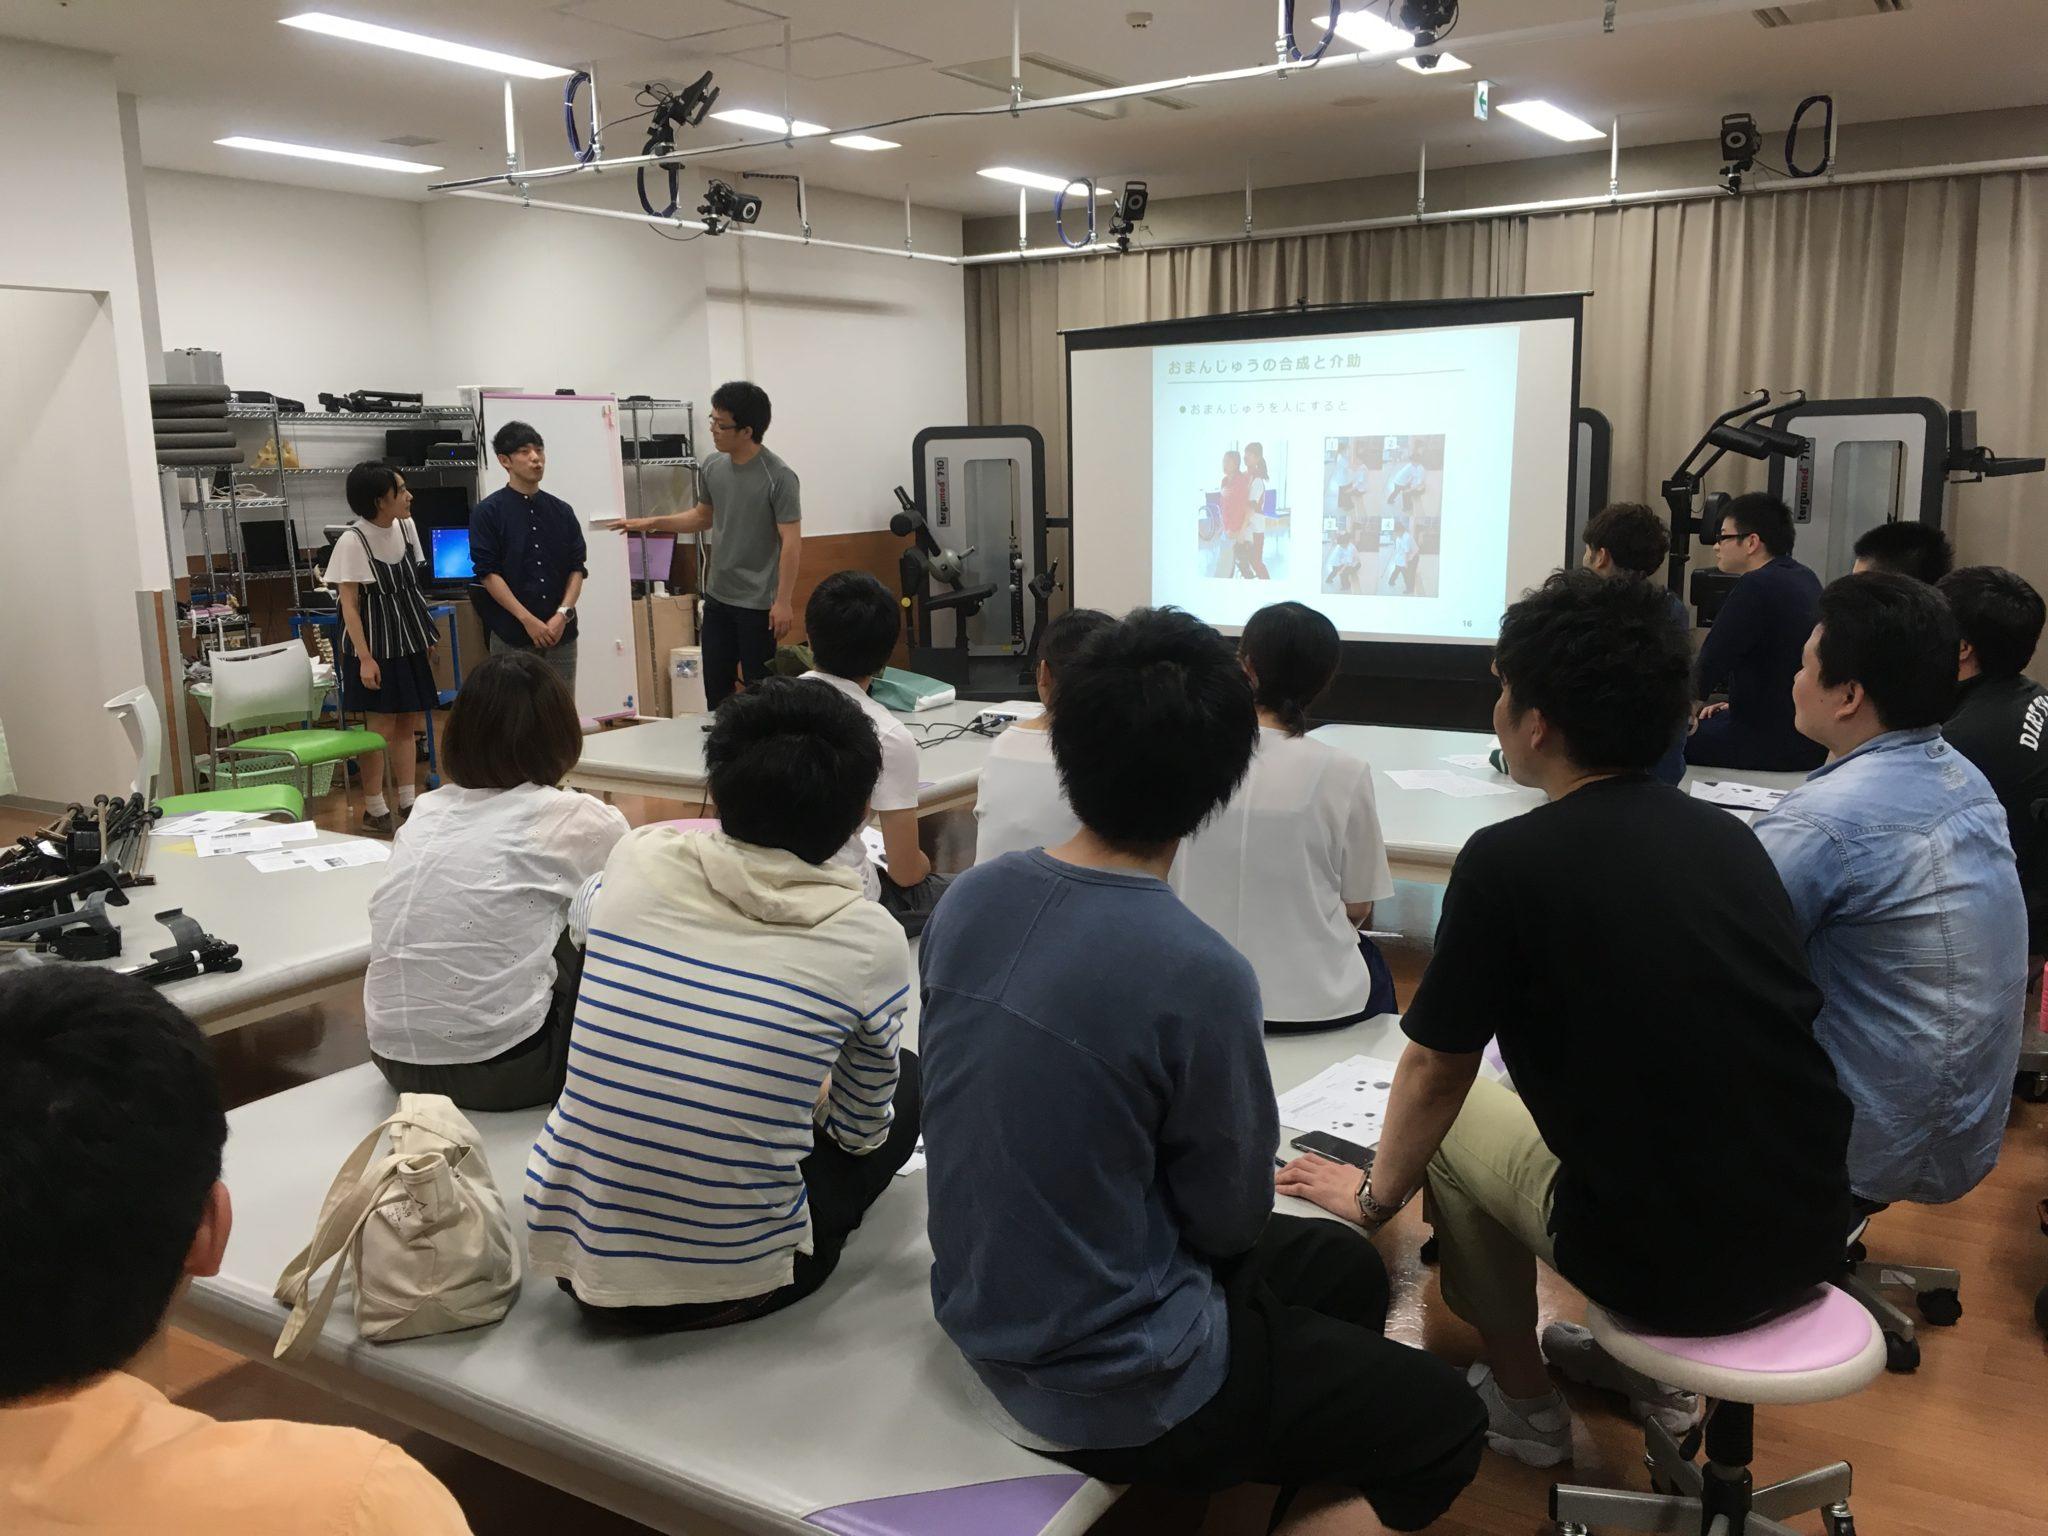 会津支部新人歓迎会・活性化勉強会開催写真